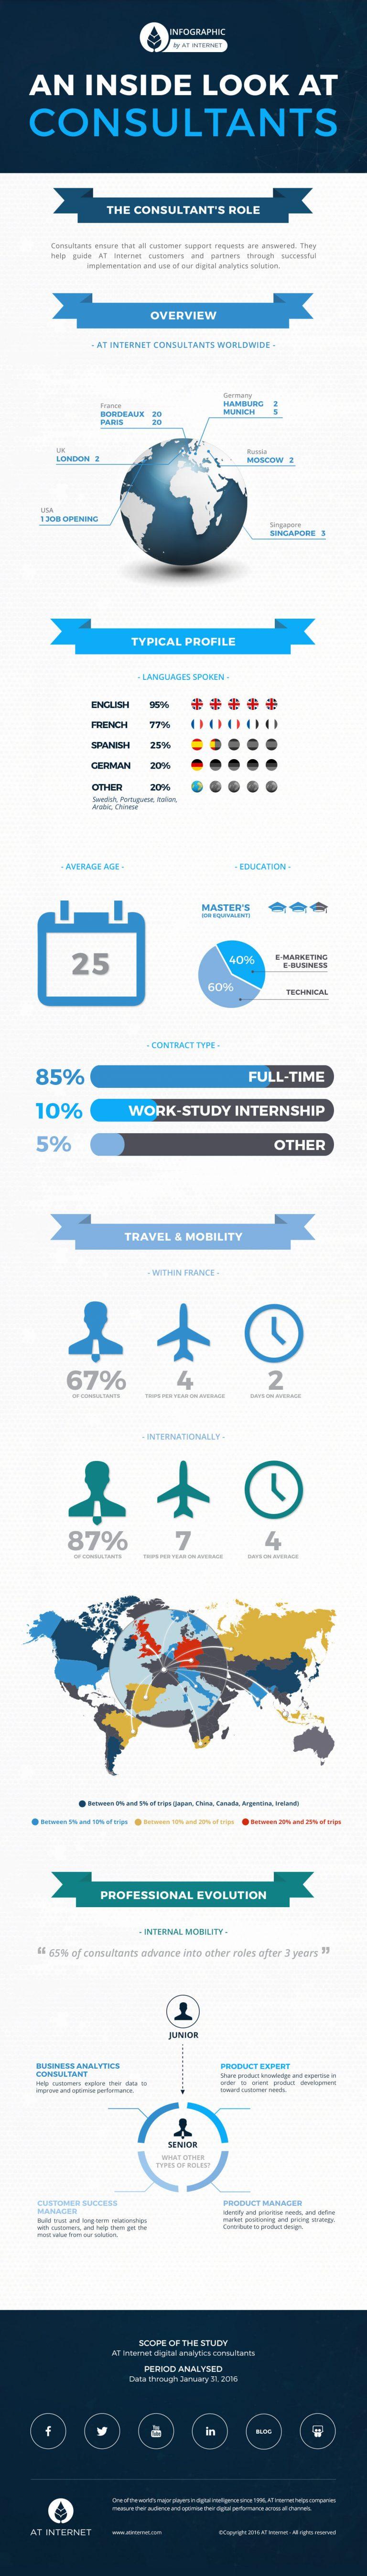 Infographie-Consultants-EN